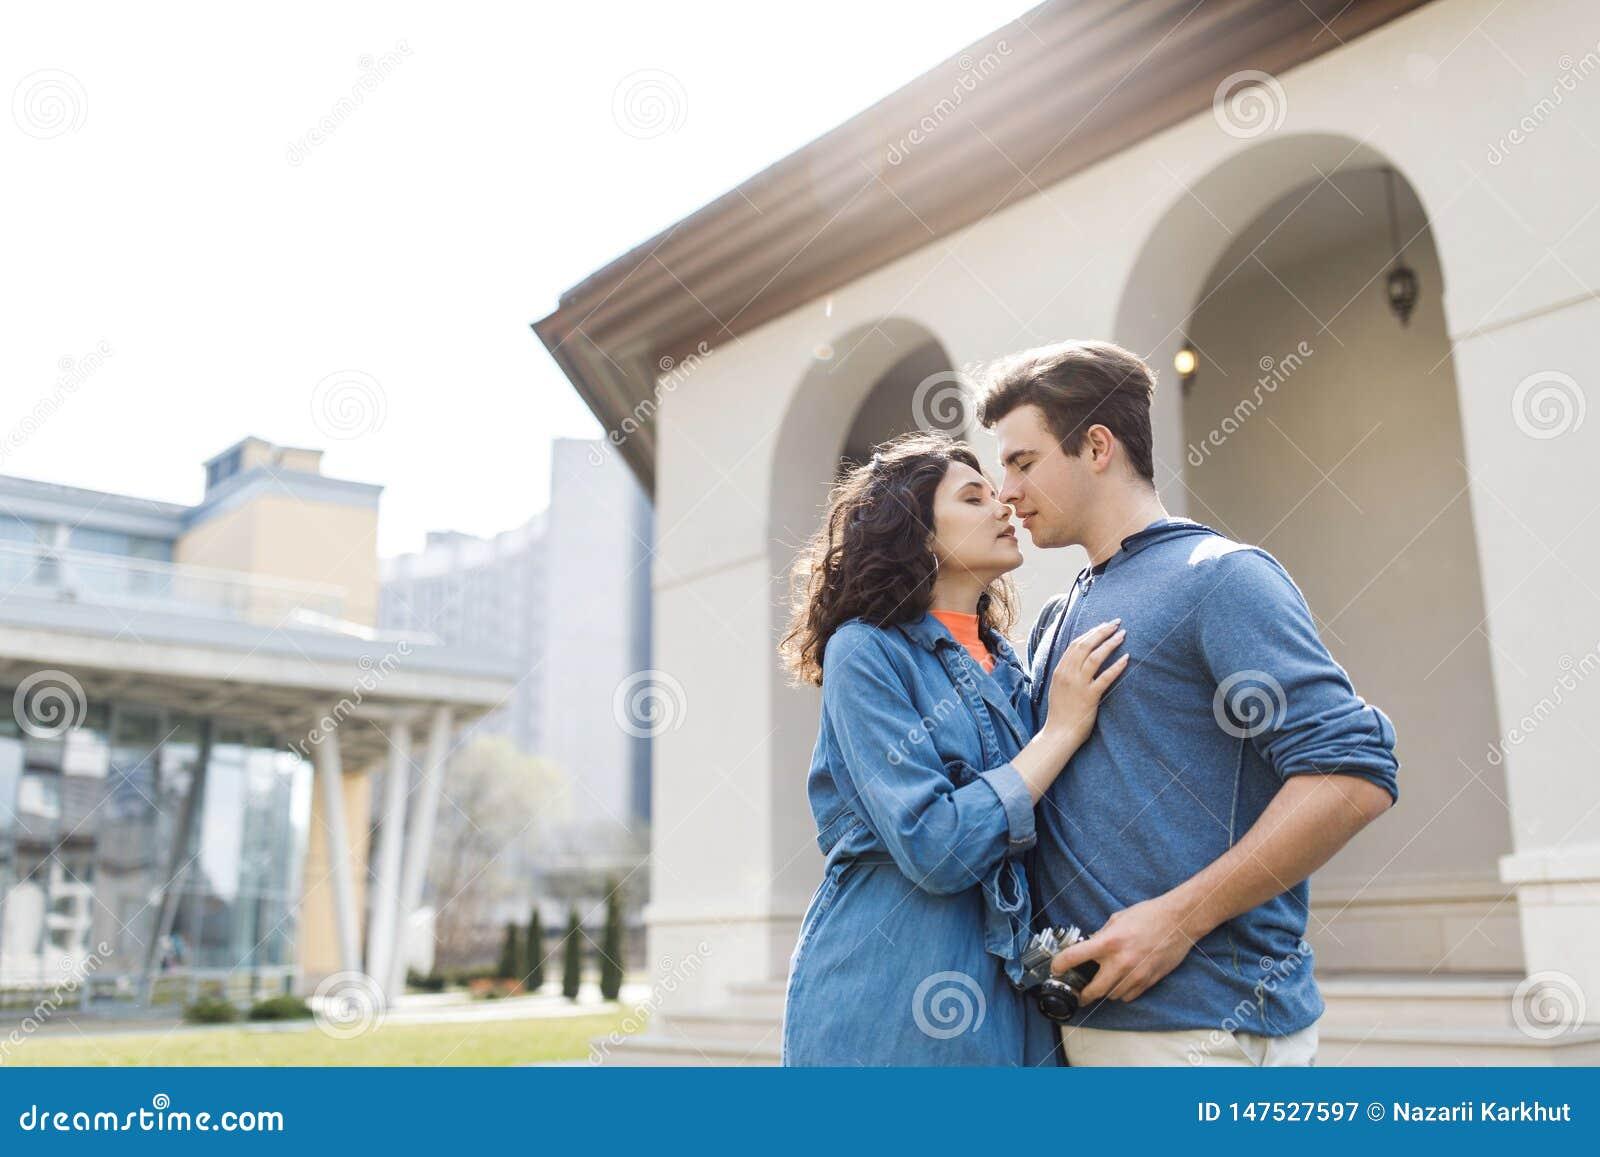 Unga gulliga par - pojke och flicka som går runt om staden och en fotograferar Ett par har rolig utgiftertid tillsammans Datum tv